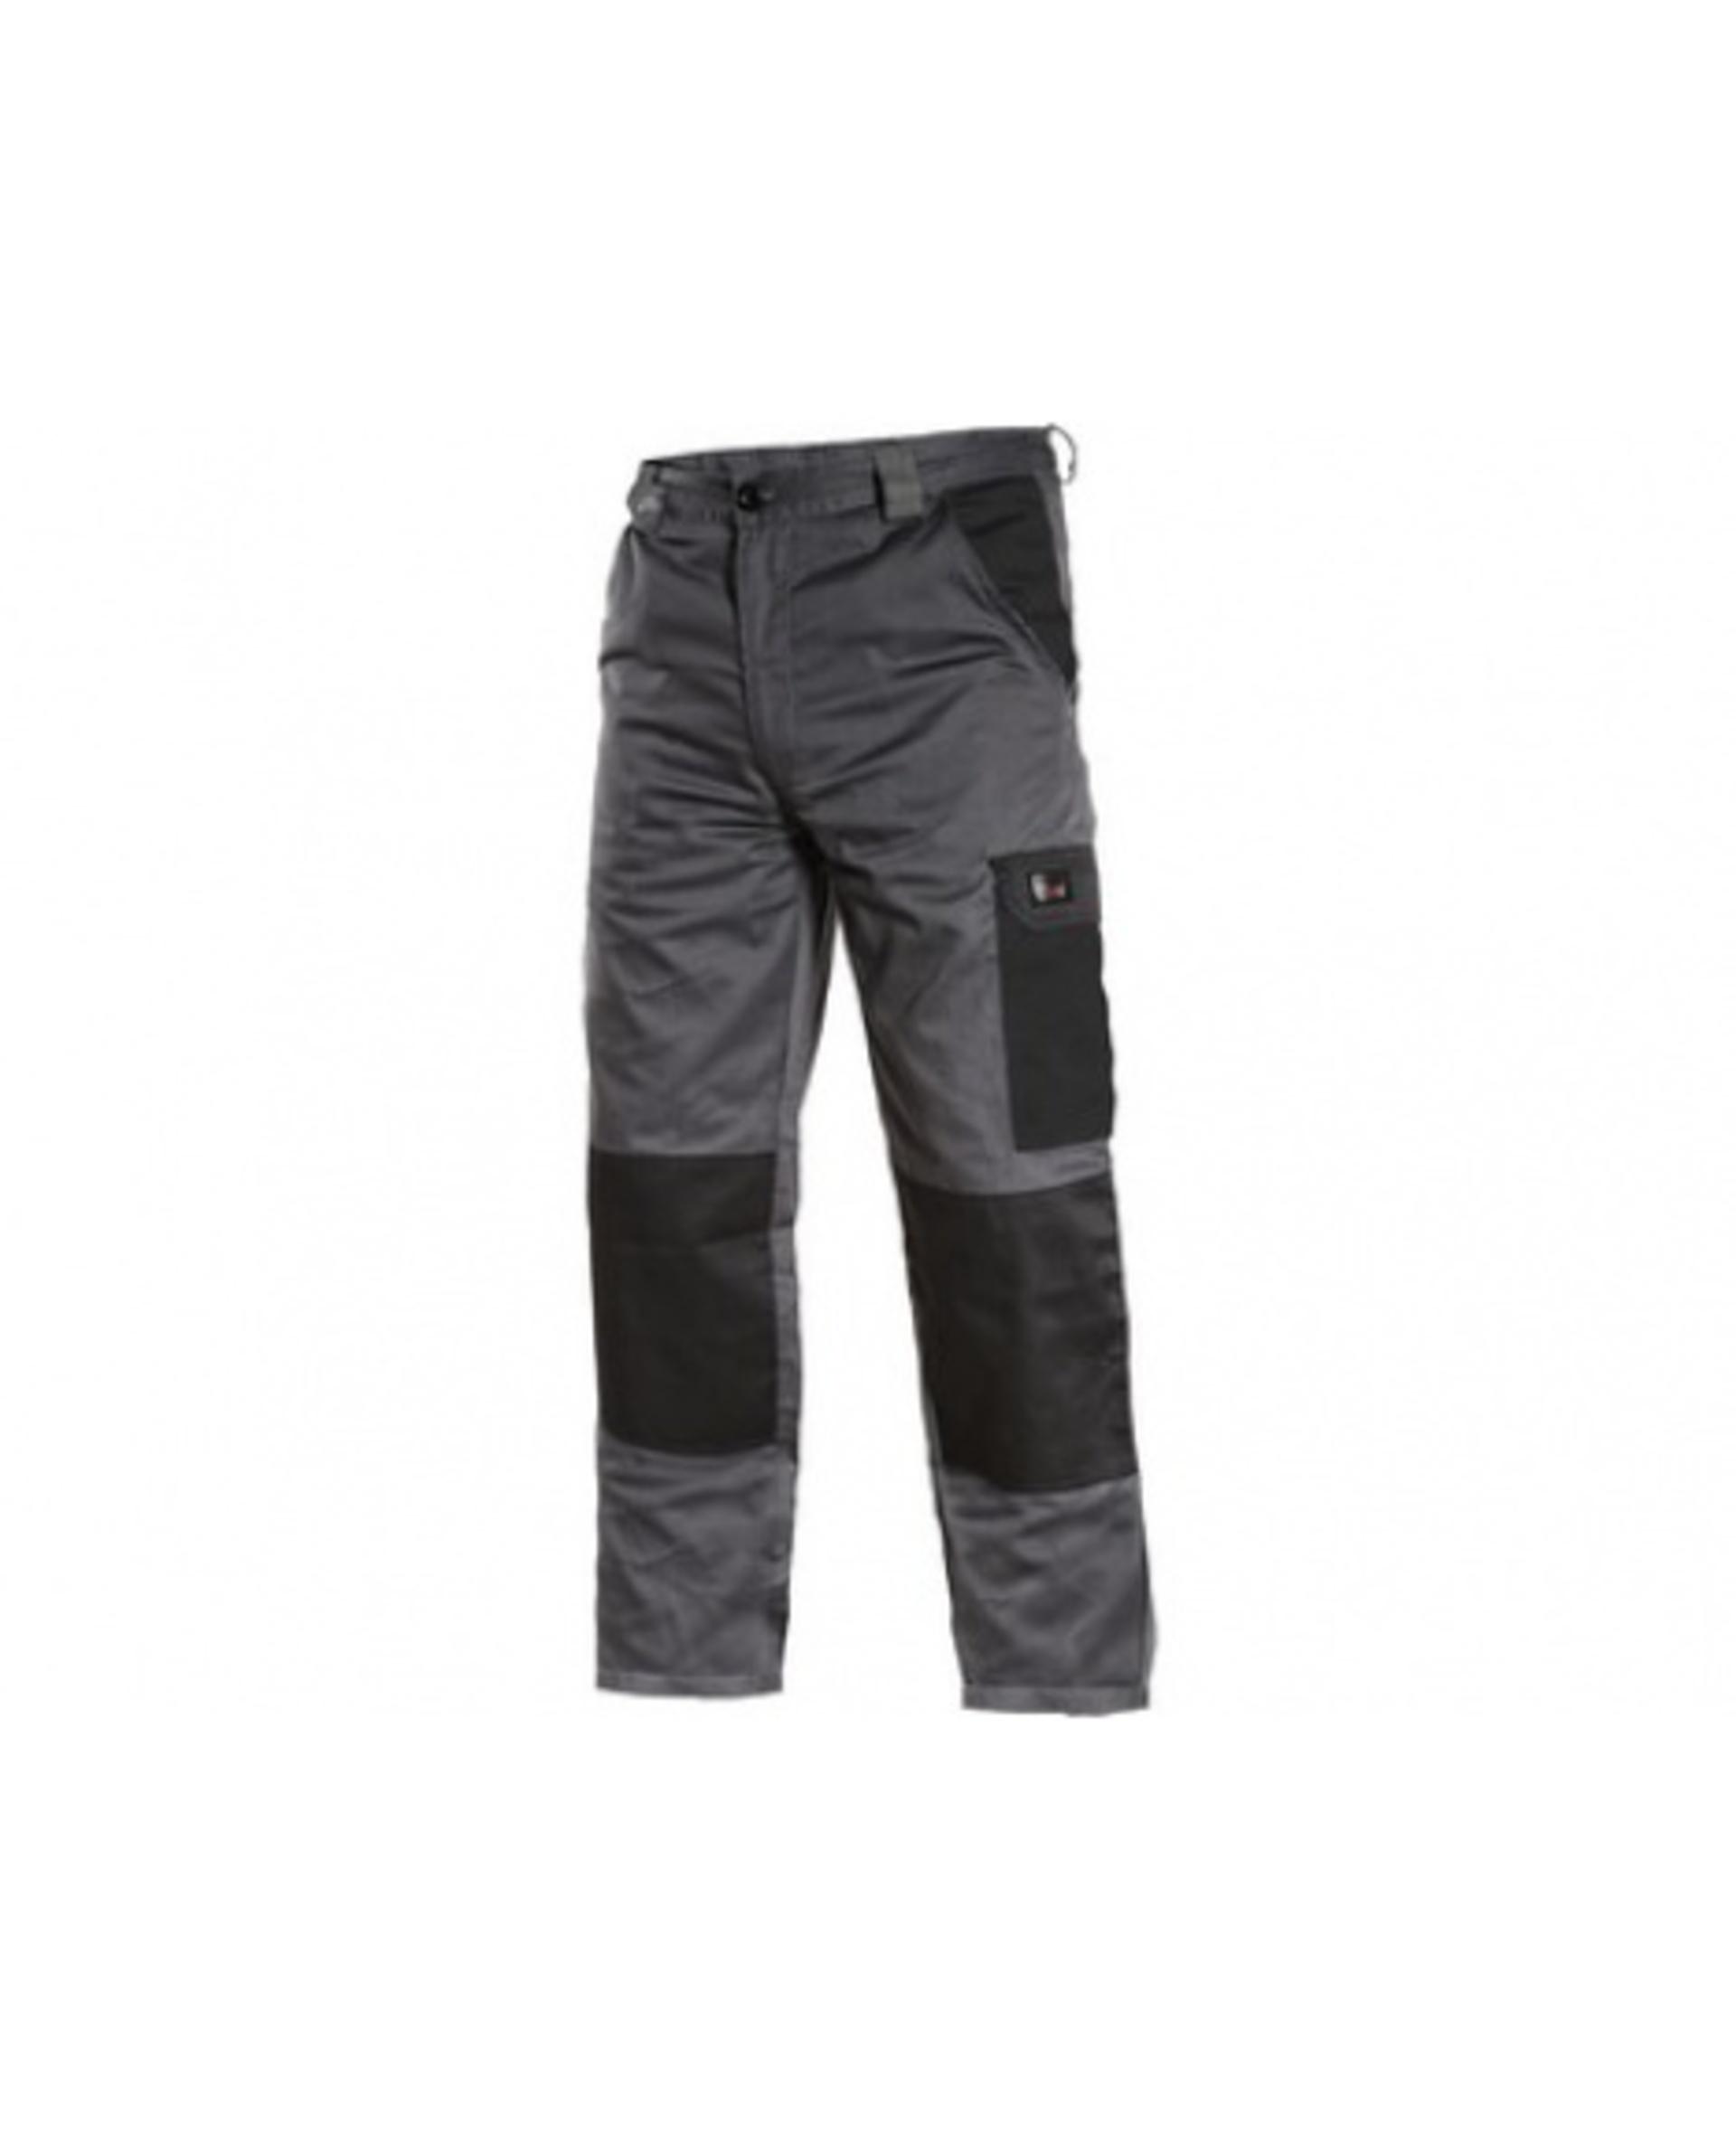 CXS PHOENIX CEFEUS pánské Kalhoty pracovní do pasu šedá/černá 48